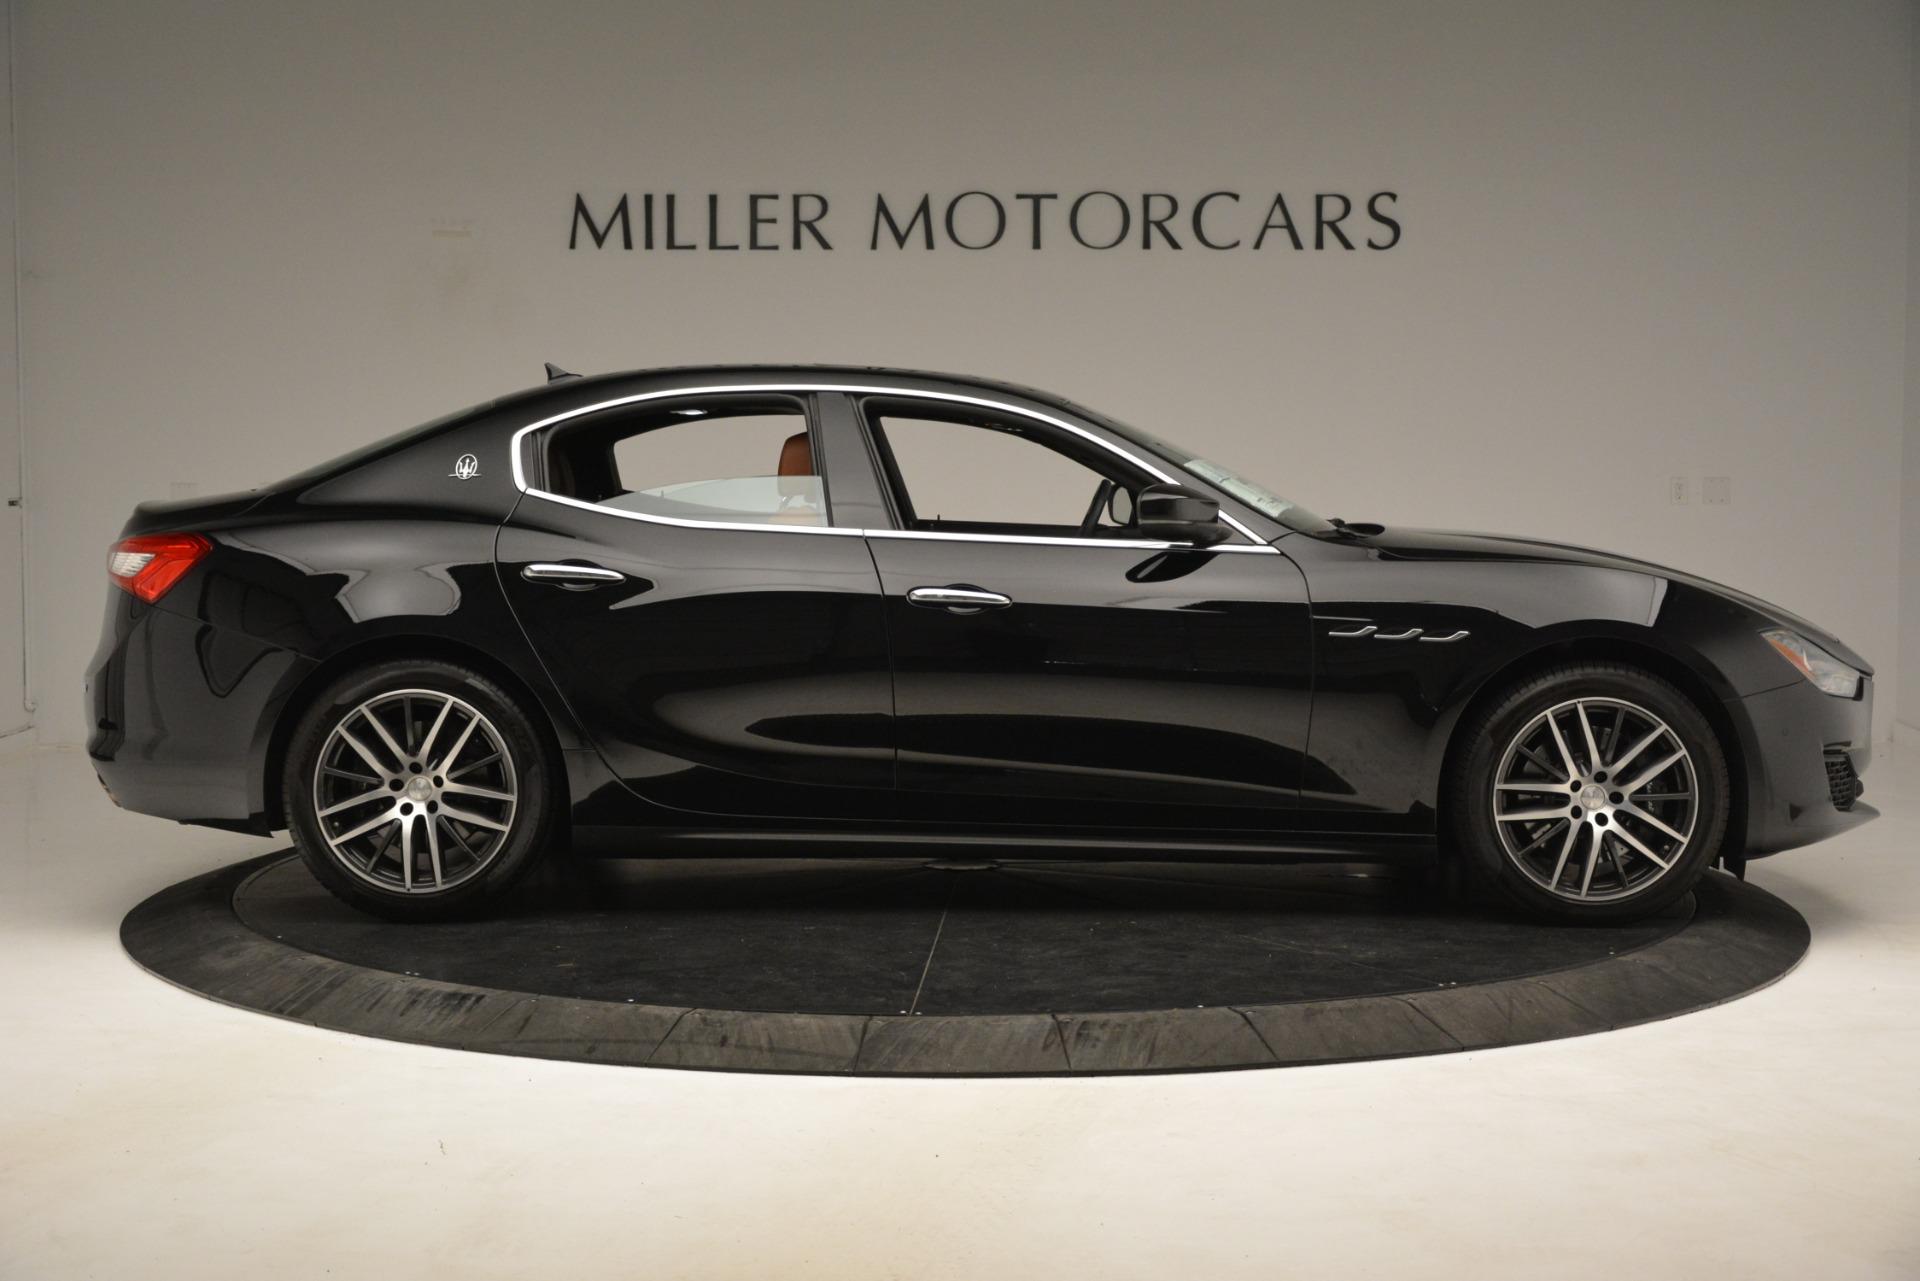 New 2019 Maserati Ghibli S Q4 For Sale In Greenwich, CT. Alfa Romeo of Greenwich, M2238 2793_p9